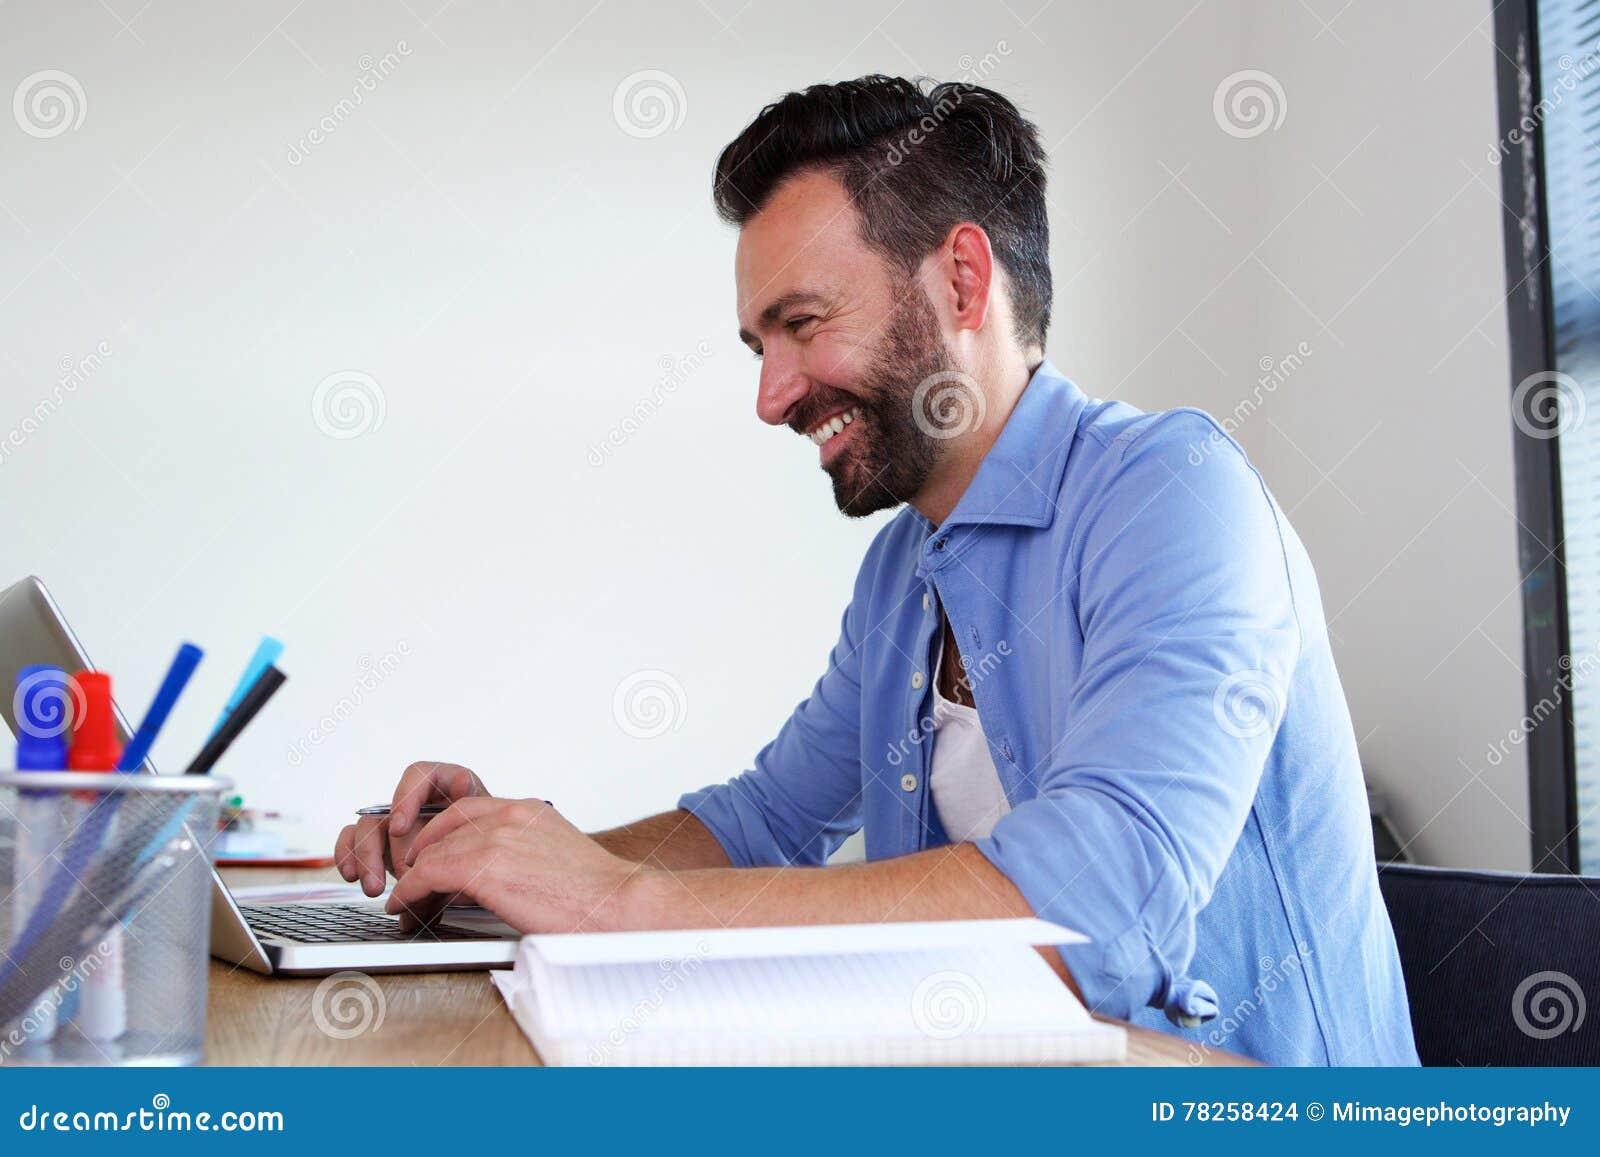 Χαμογελώντας ώριμο επιχειρησιακό άτομο που εργάζεται στο γραφείο του